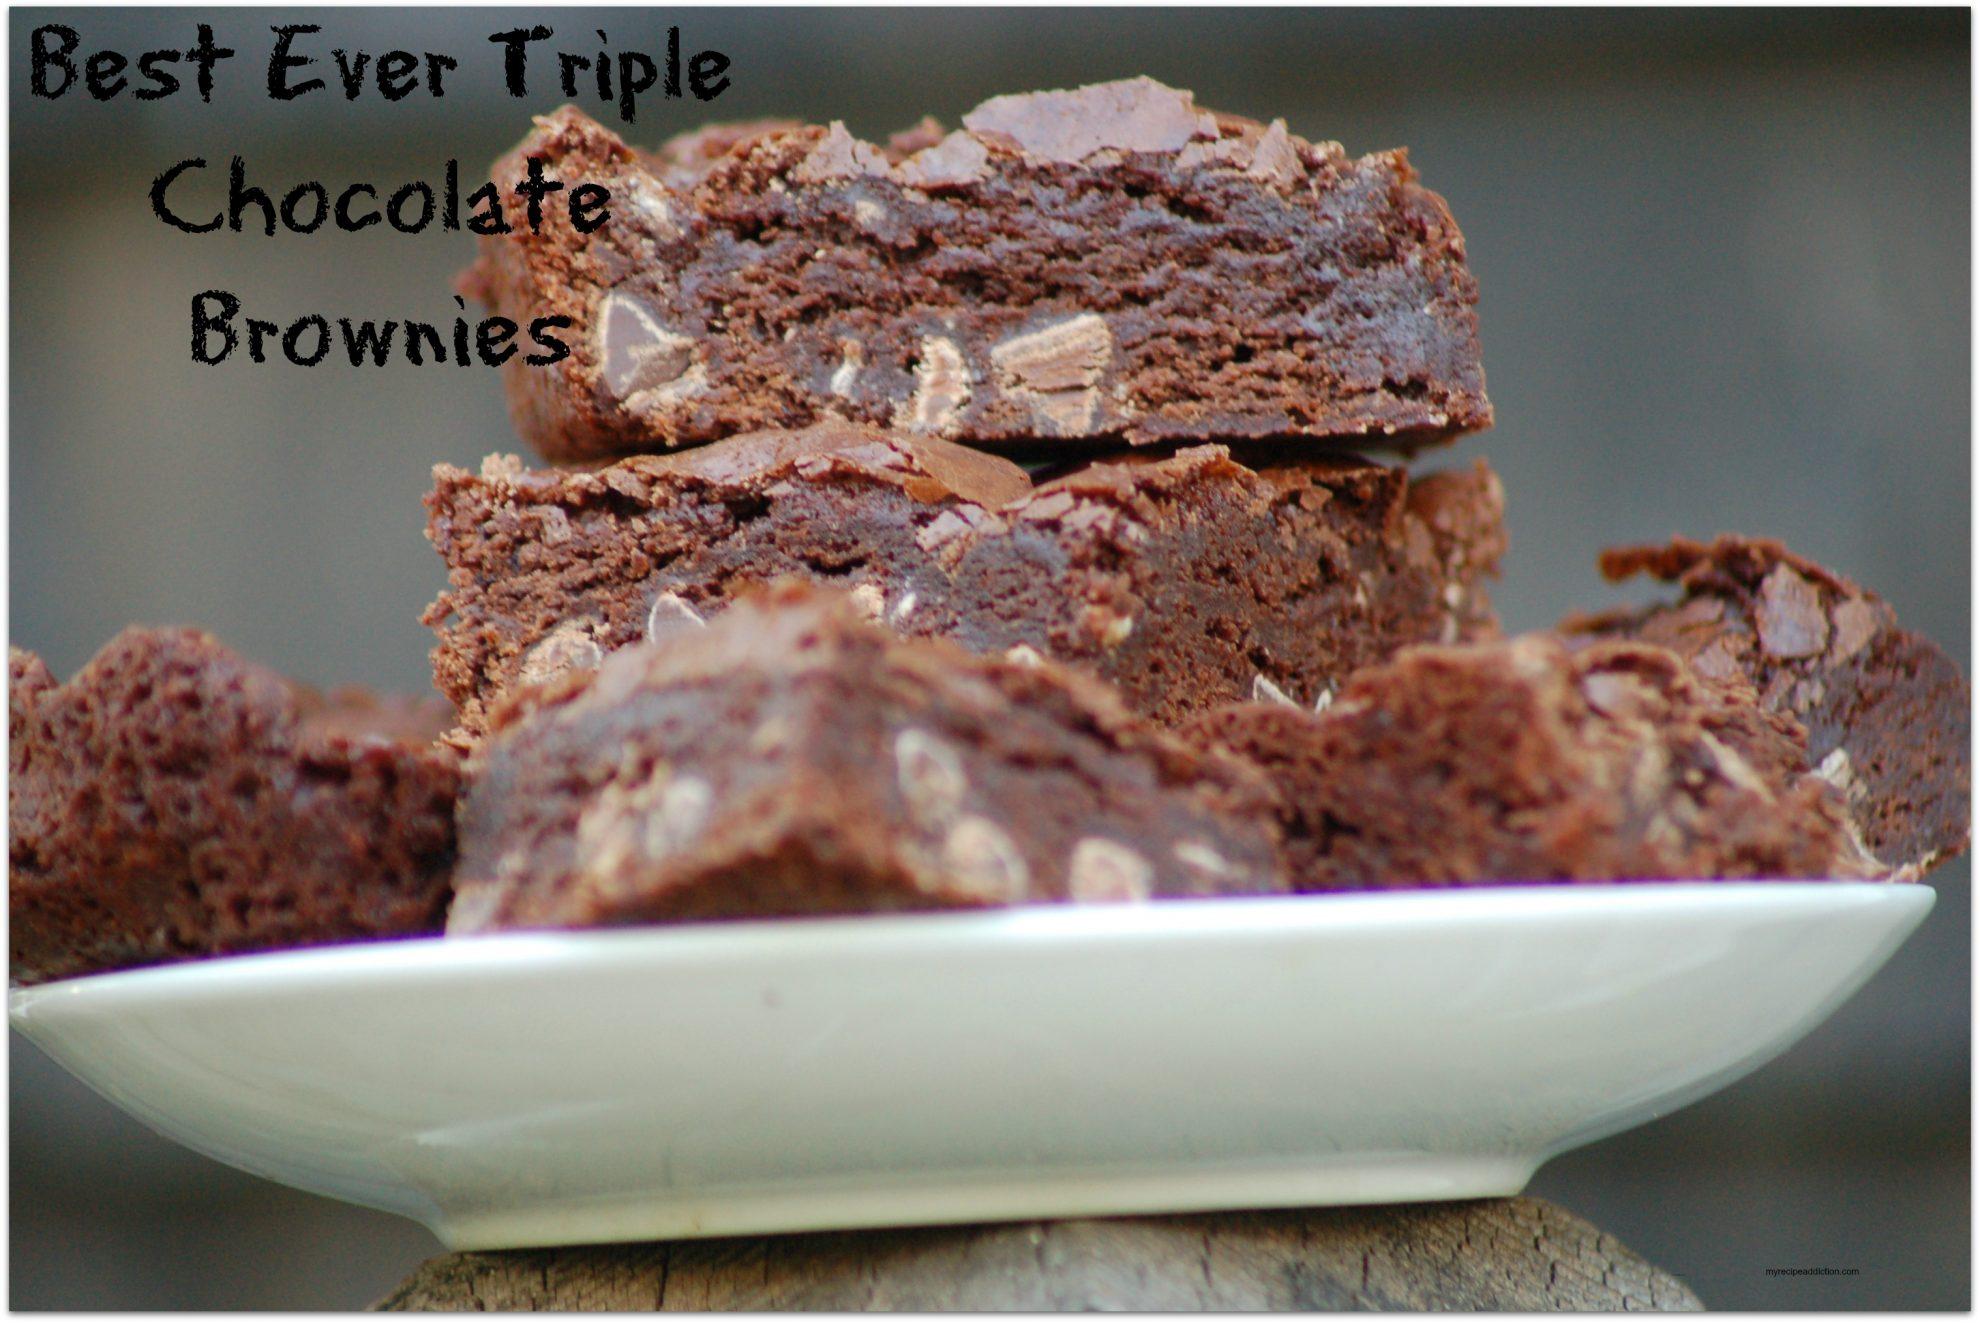 Best Ever Triple Chocolate Brownies